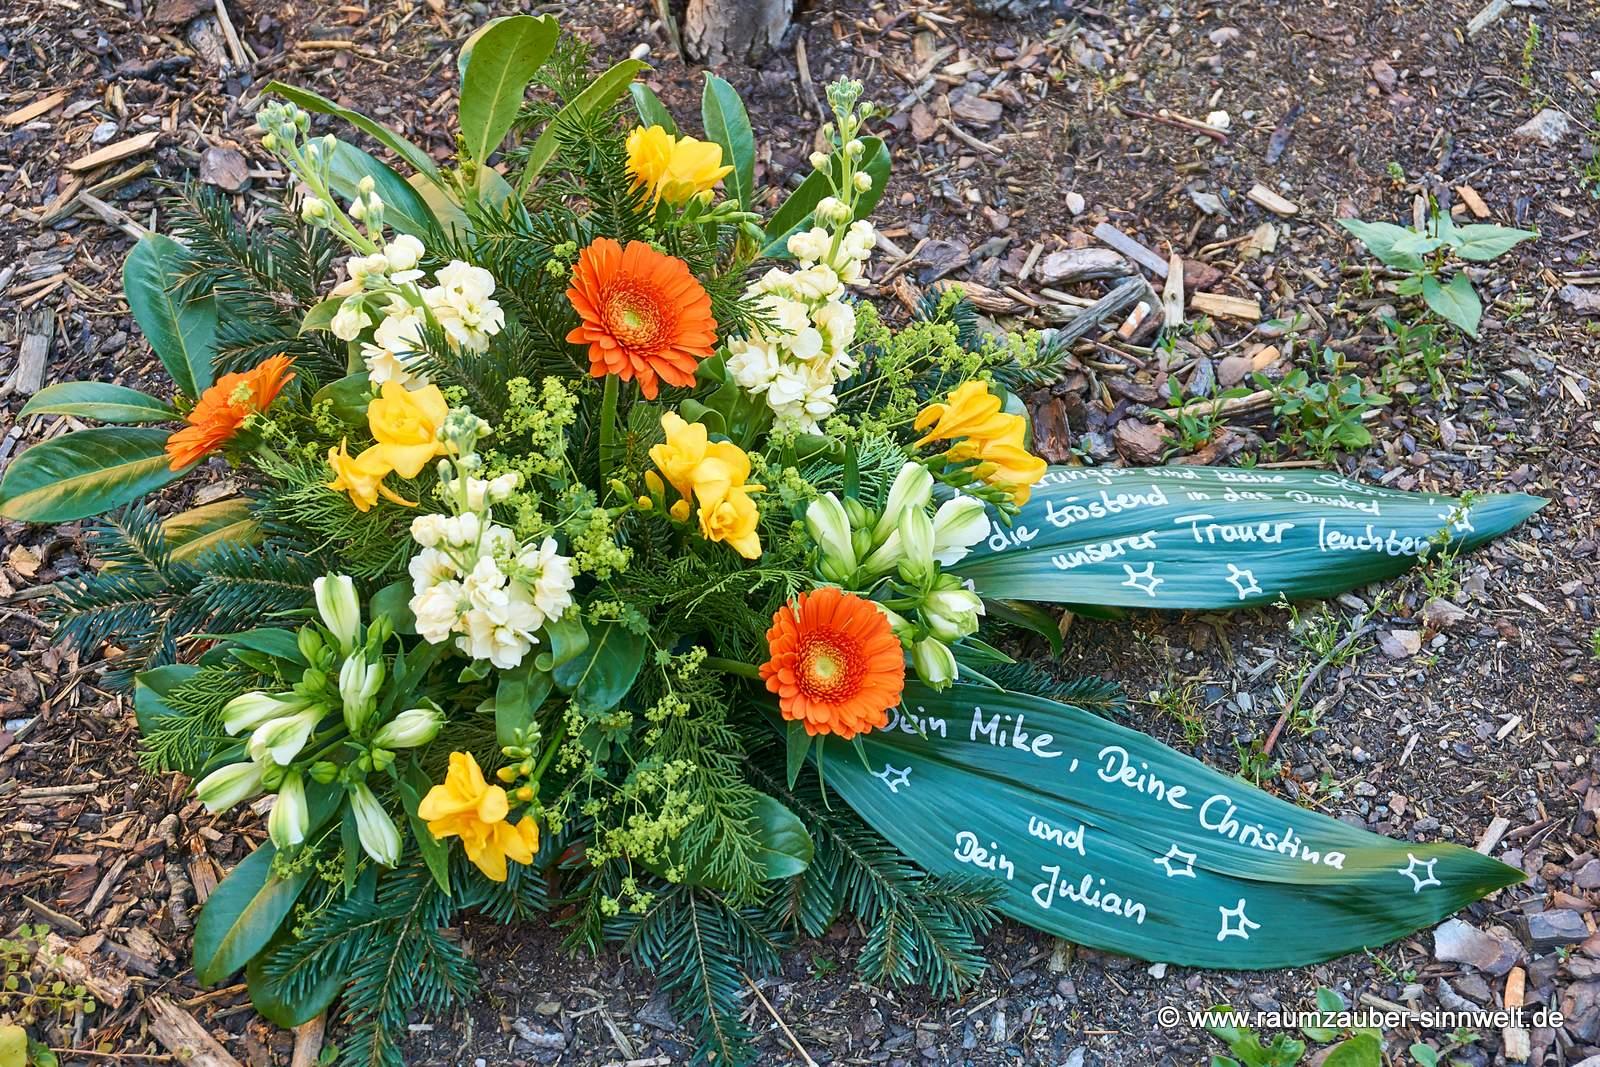 buntes Trauergesteck mit handbeschriebenen Blättern